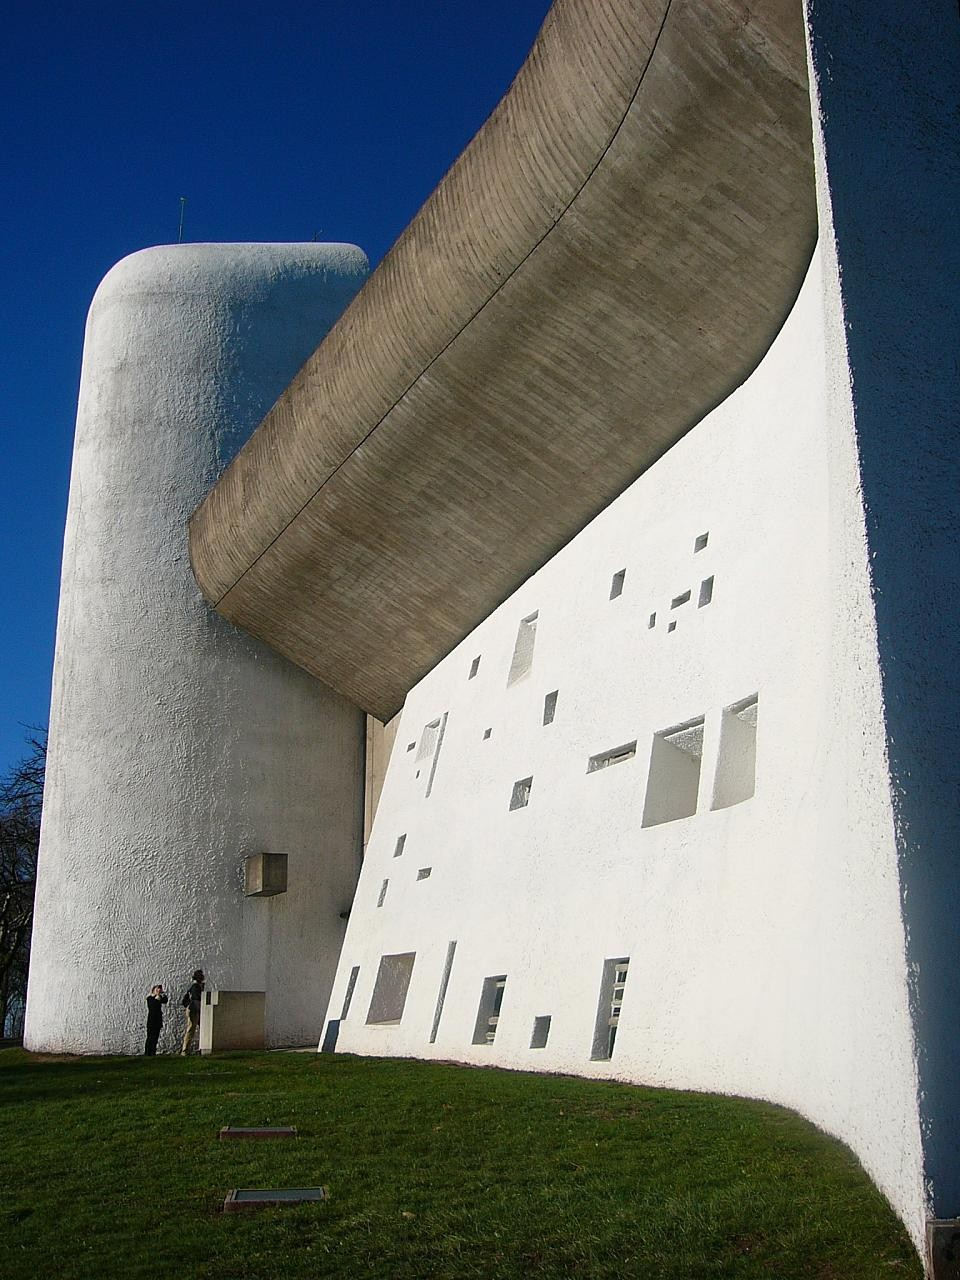 Gallery of ad classics ronchamp le corbusier 12 for Architecture le corbusier